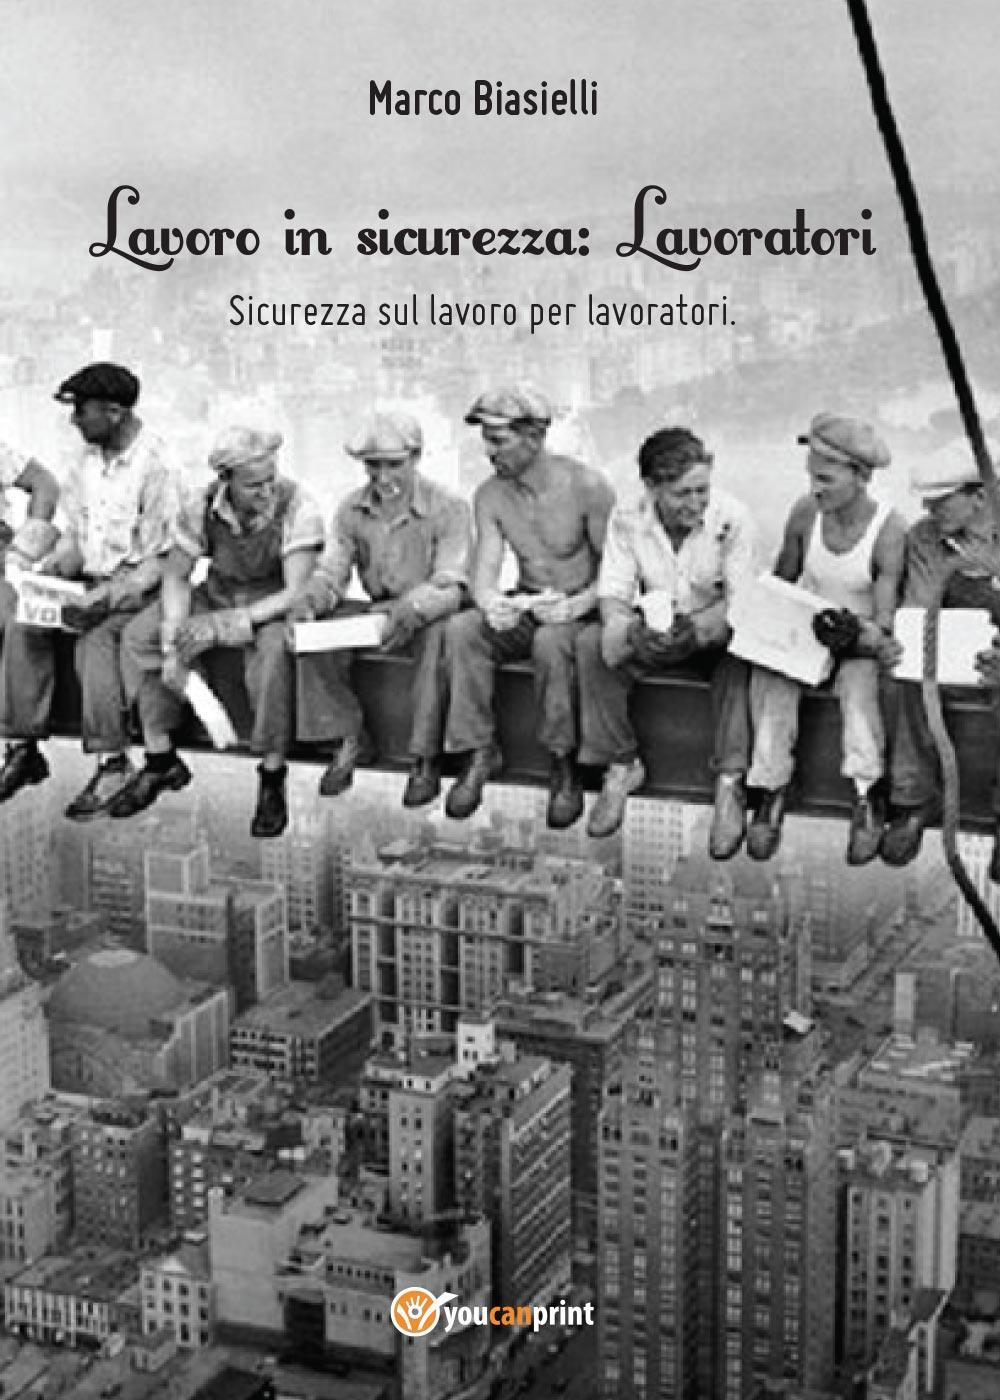 Lavoro in sicurezza - Lavoratori